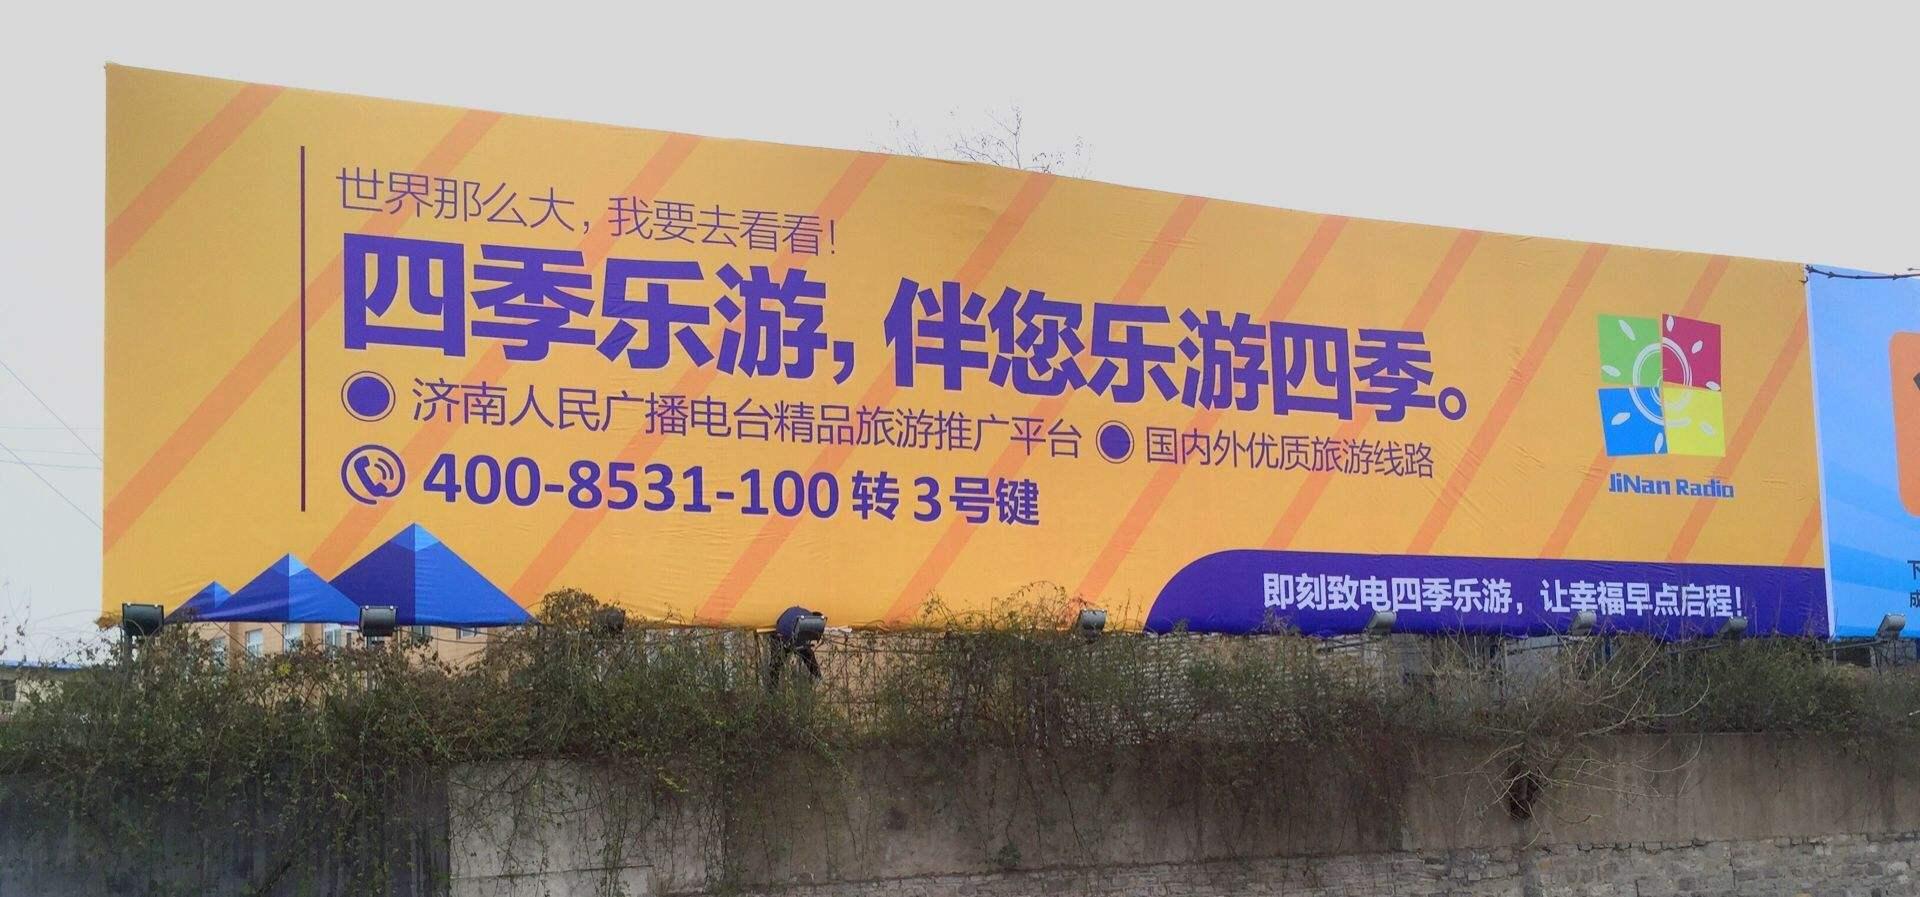 户外广告牌(四季乐游)